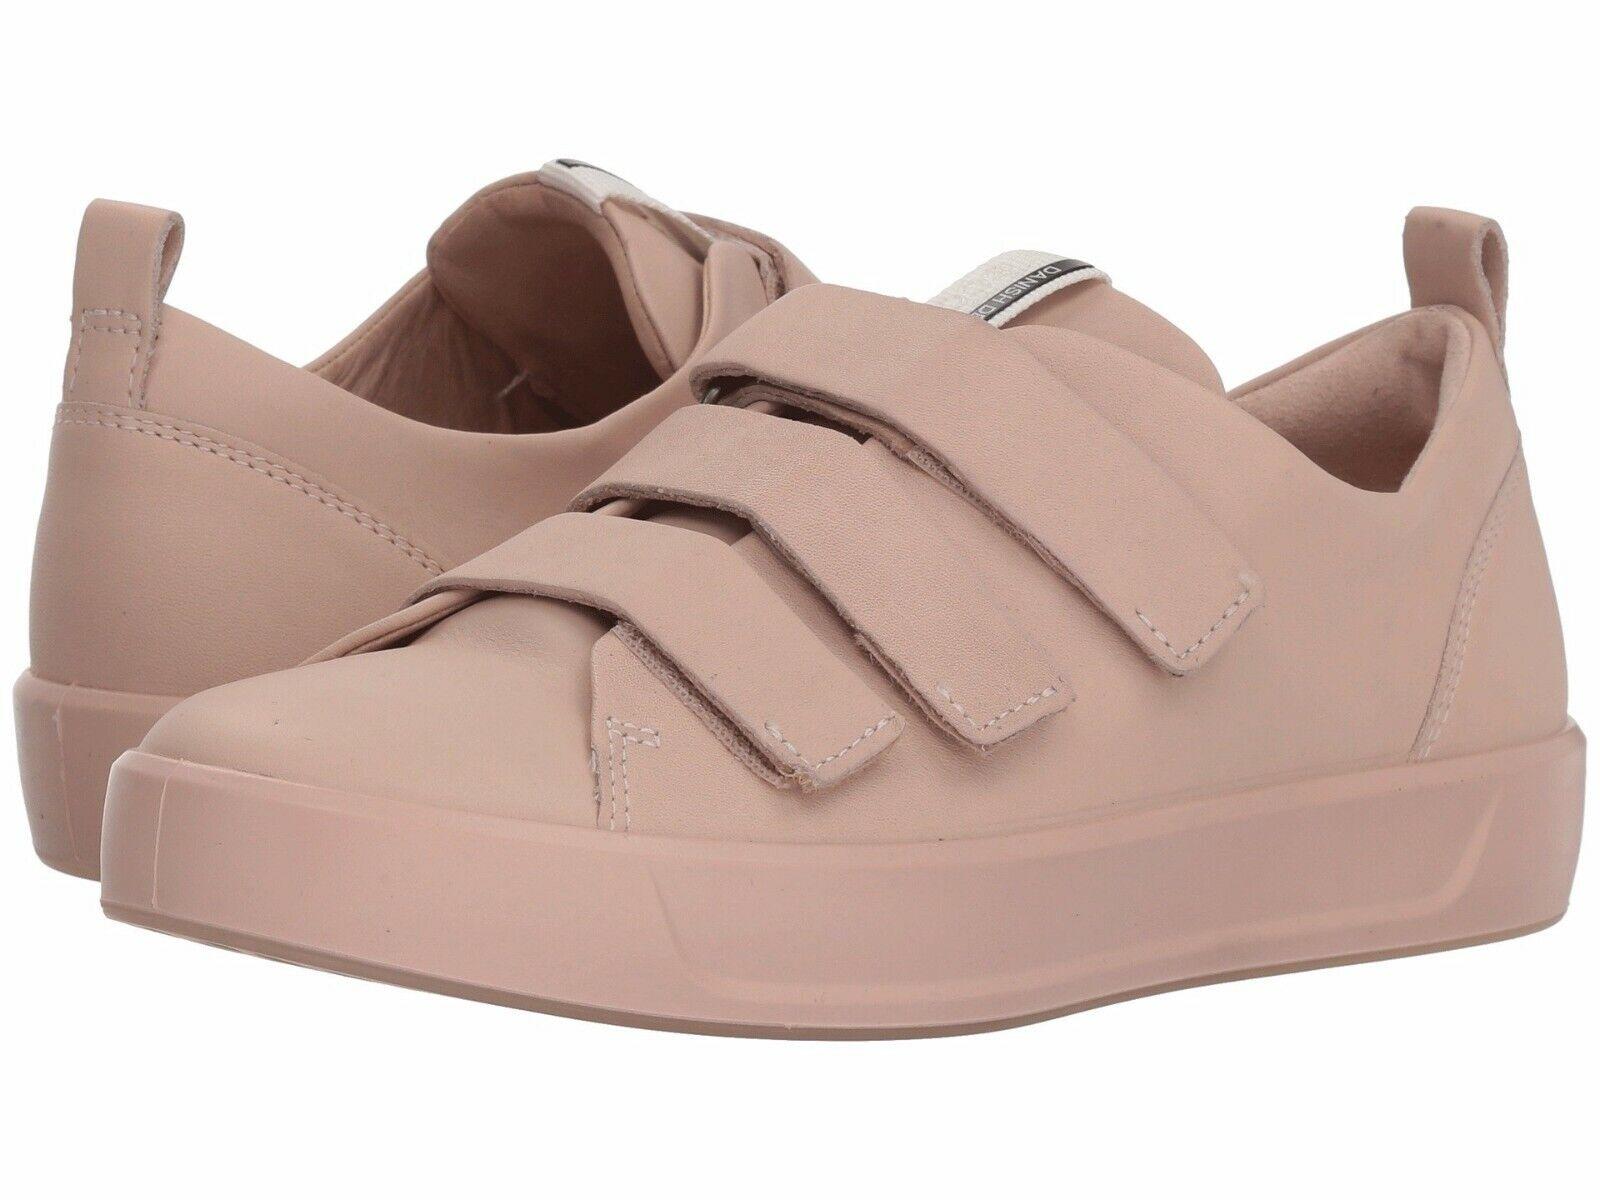 Nuovo  ECCO femminile Soft 8 scarpe da ginnastica 440513 01118 MSRP  170  esclusivo